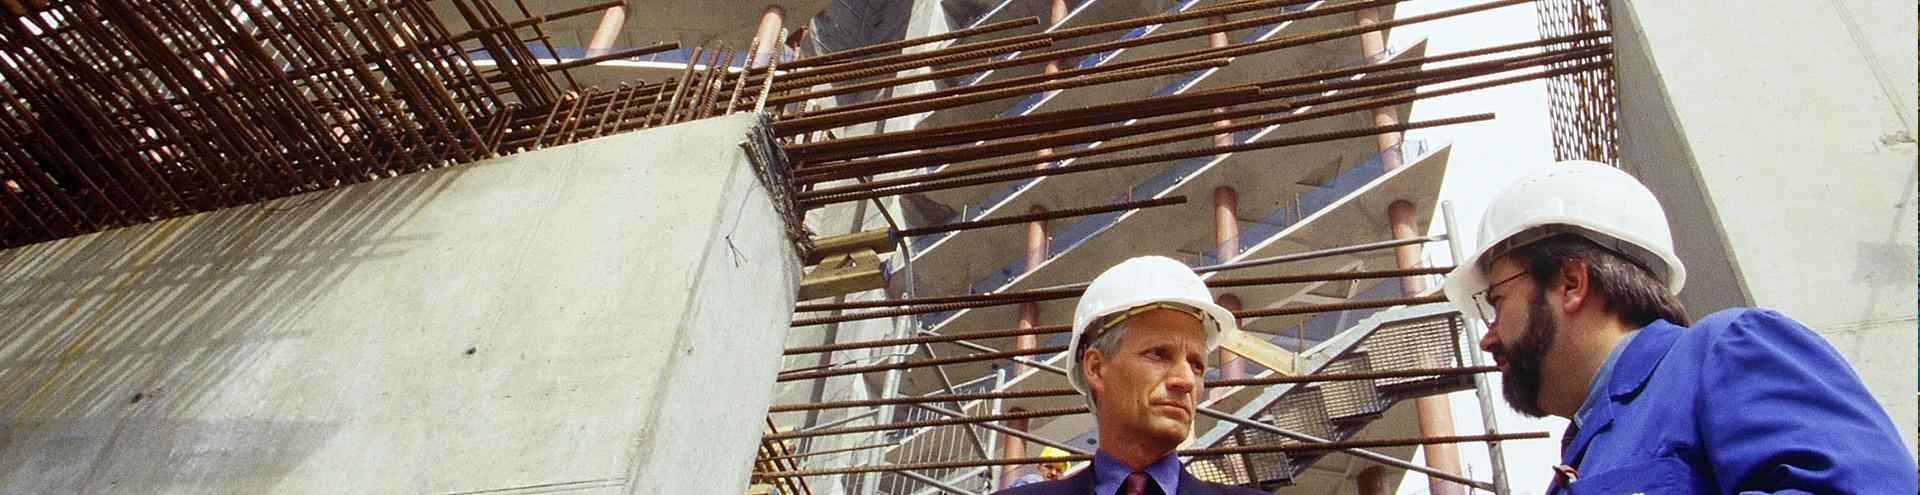 Юрист по долевому строительству - Помощь обманутым дольщикам